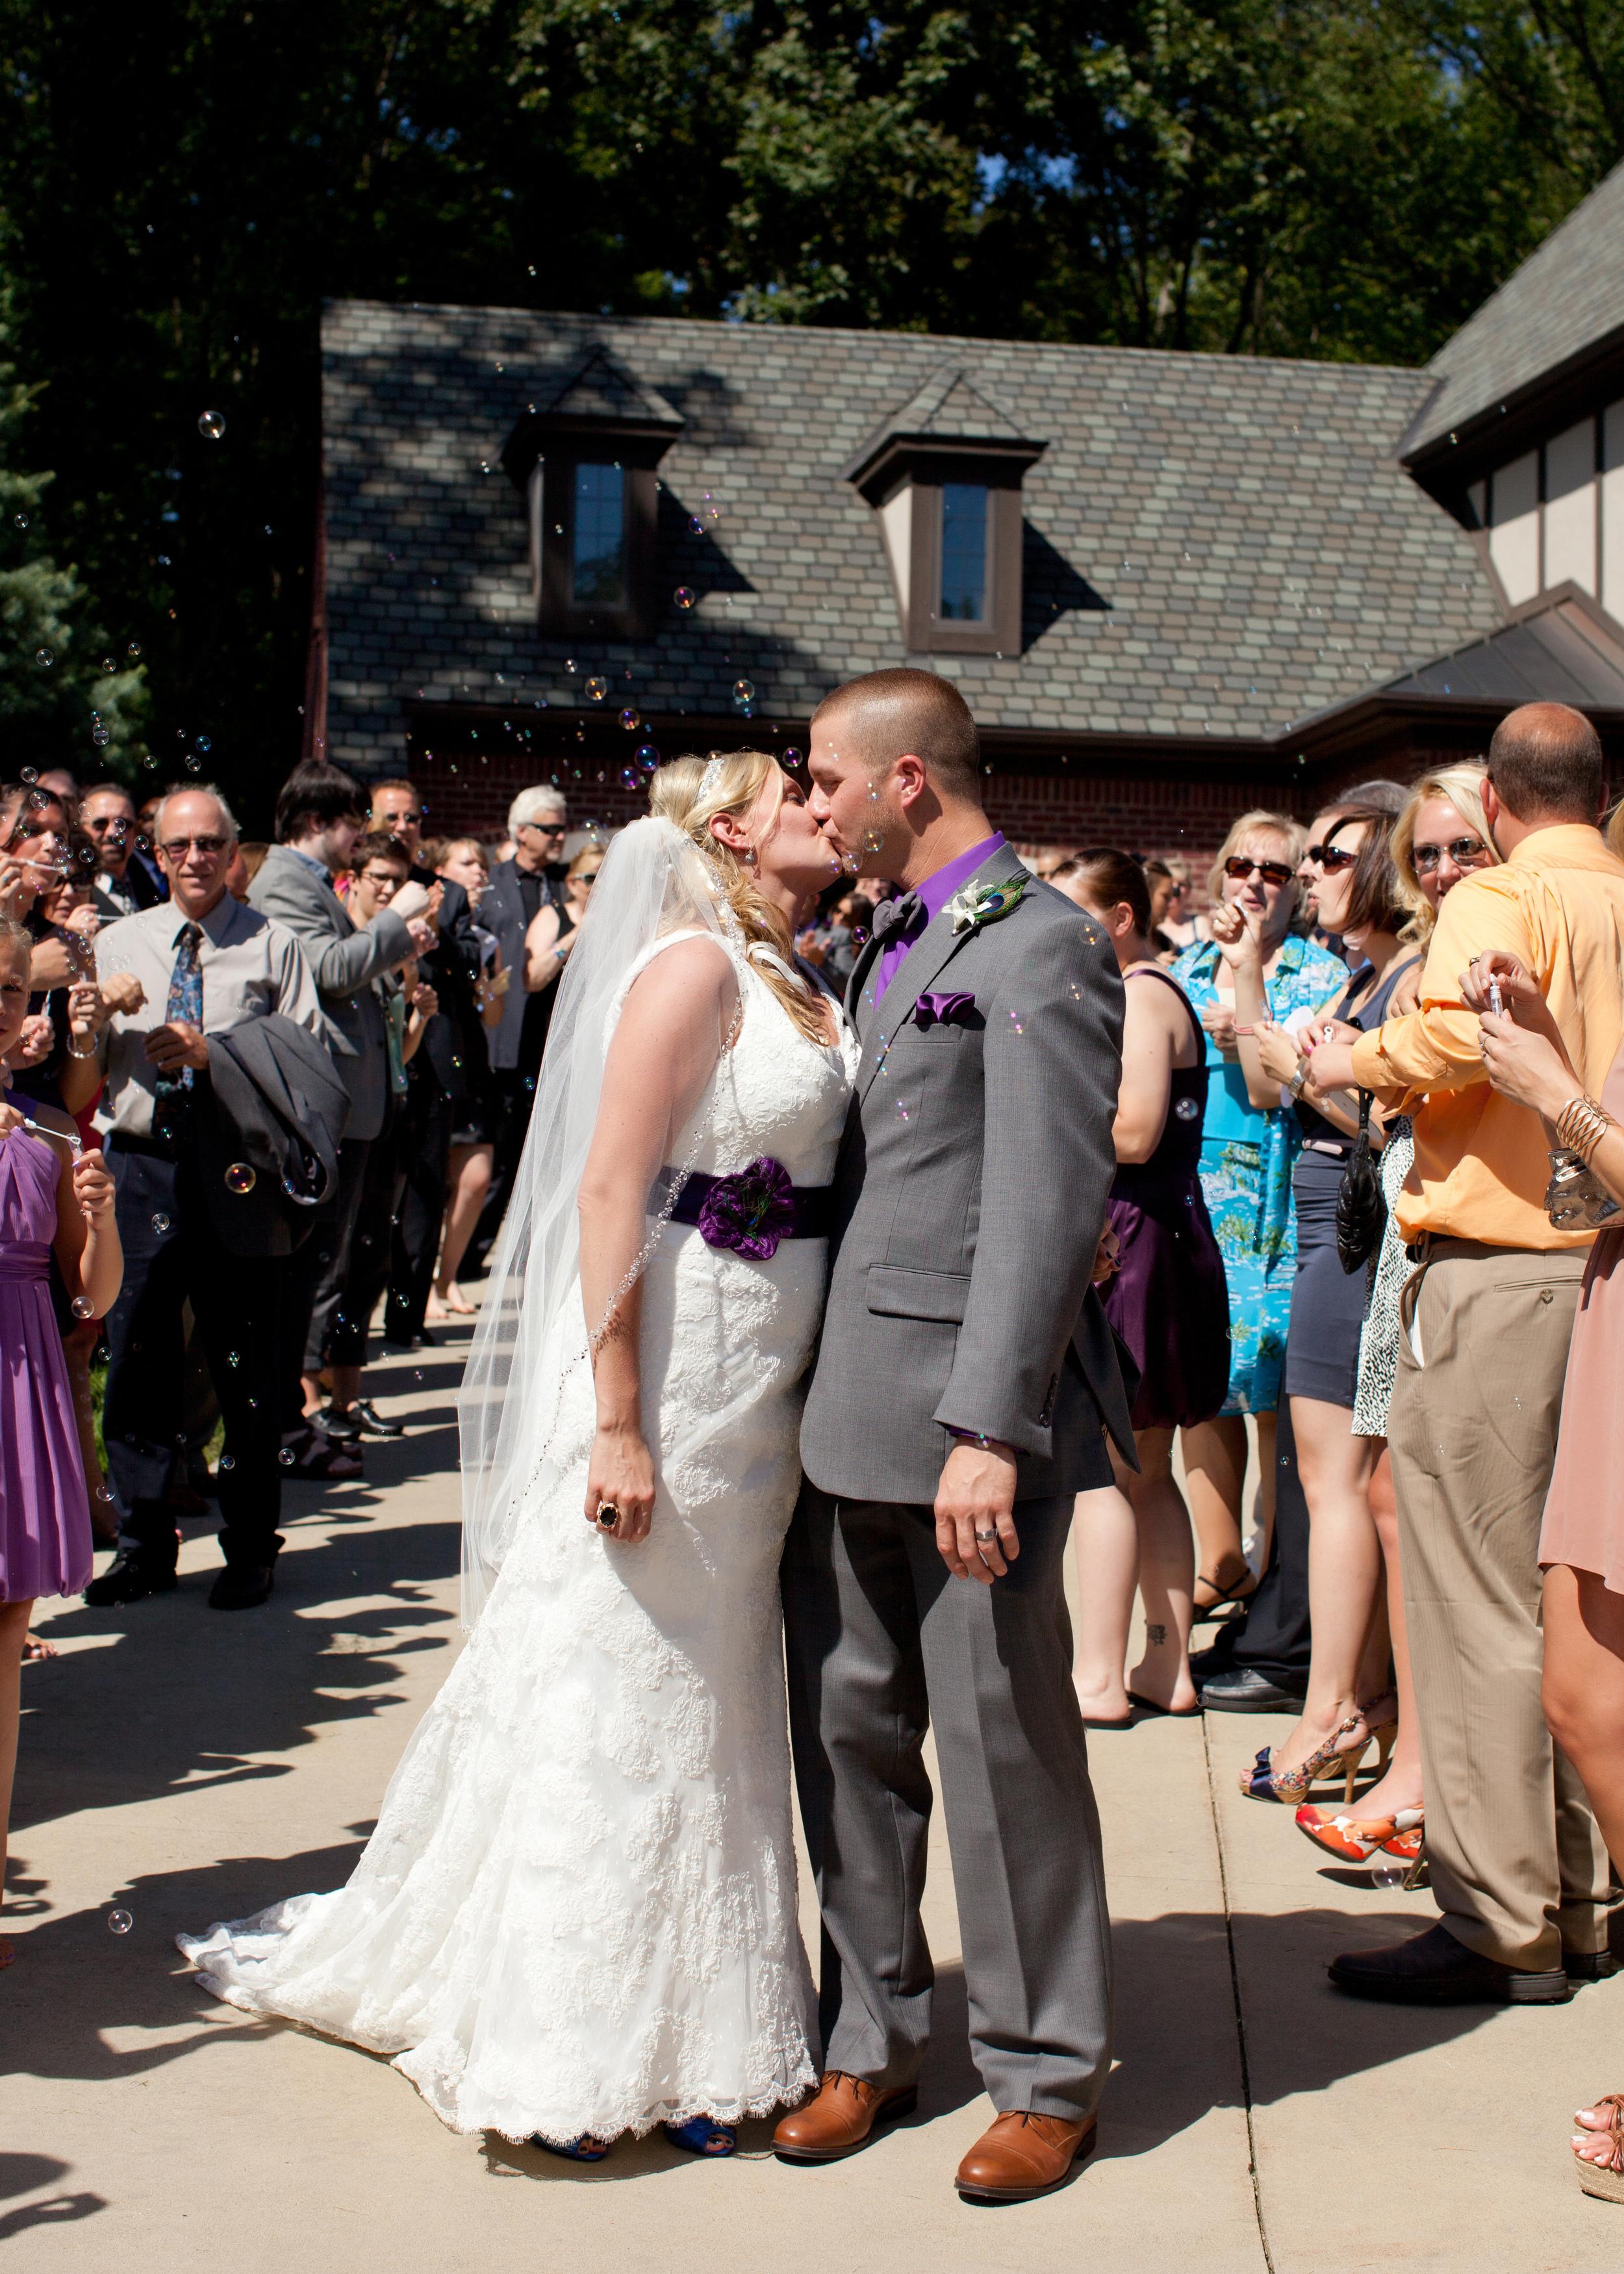 Nick&Amelia_Ceremony_205r5x7